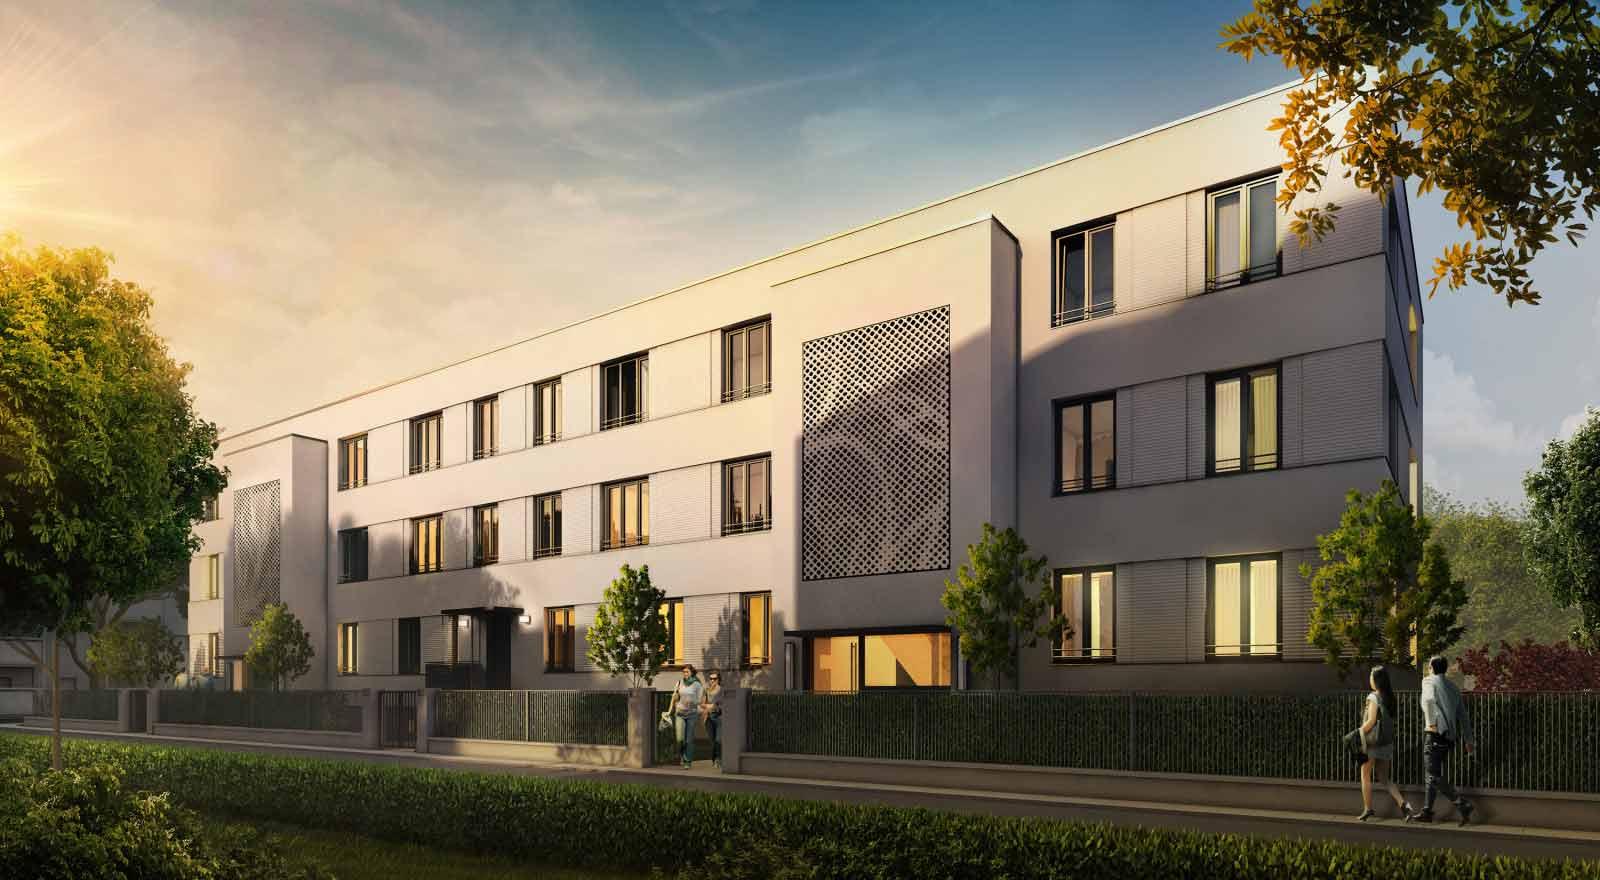 Mehrfamilienhaus in Magdeburg - Architekturvisualisierung  Aussen